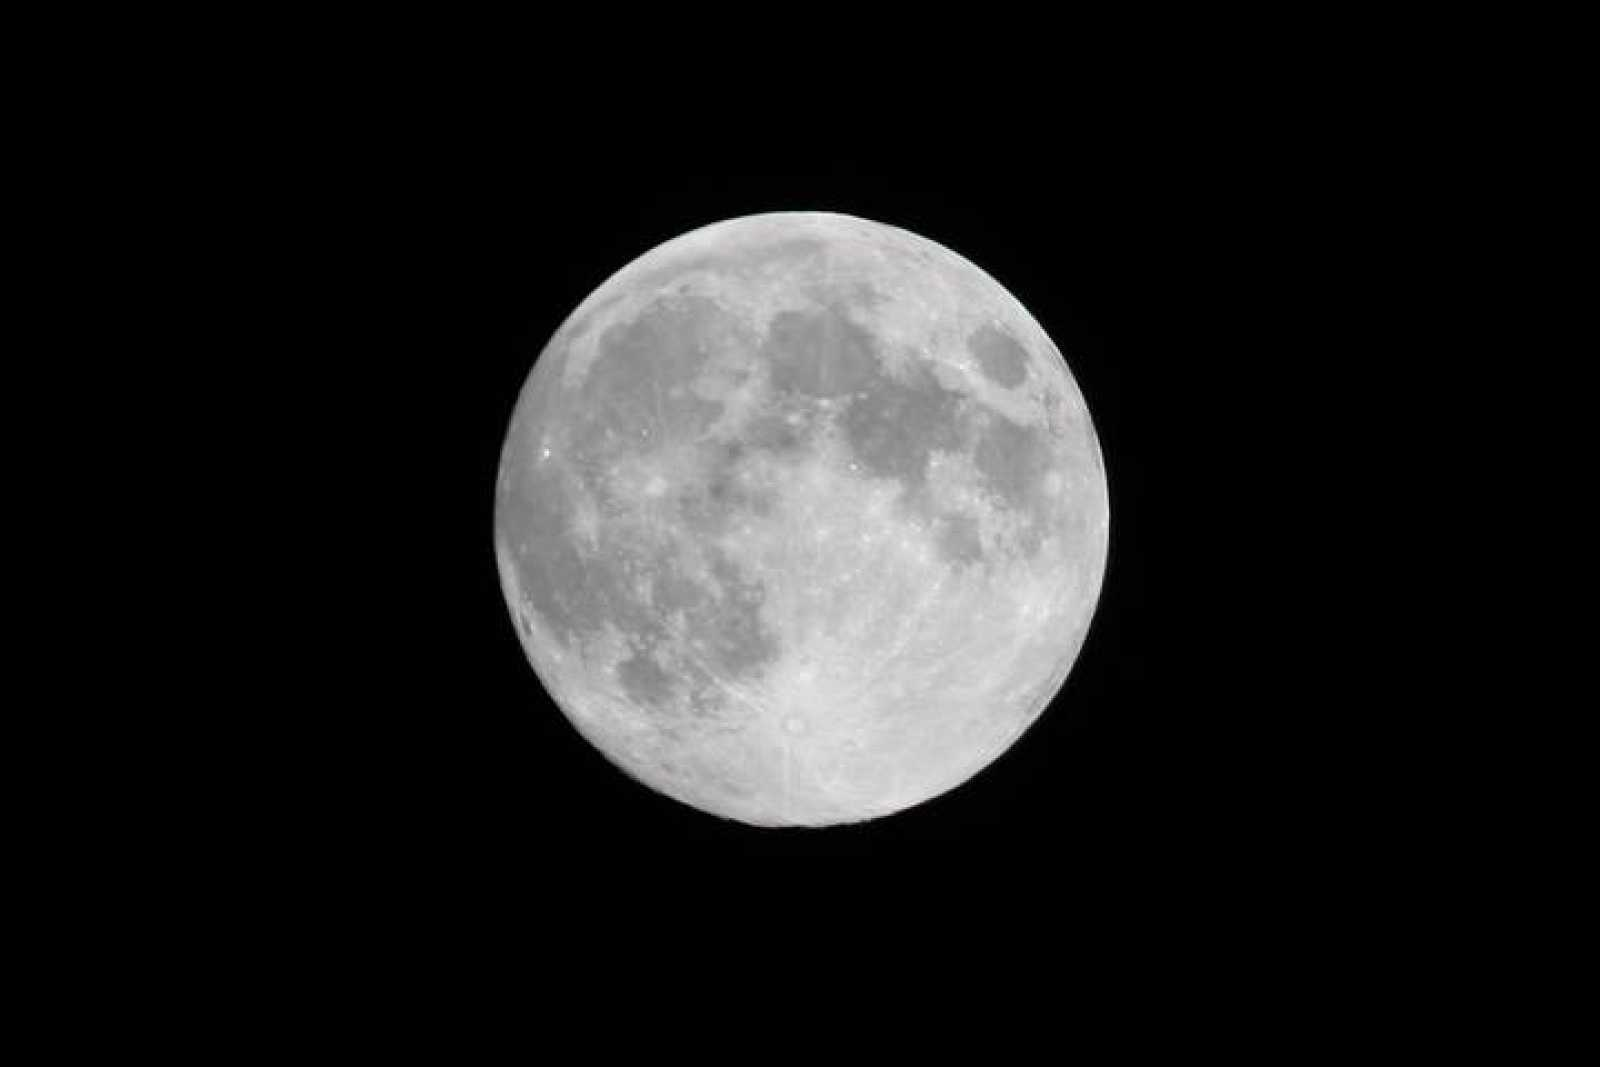 La edad de la luna estaría entre los 4.400 y los 4.450 millones de años